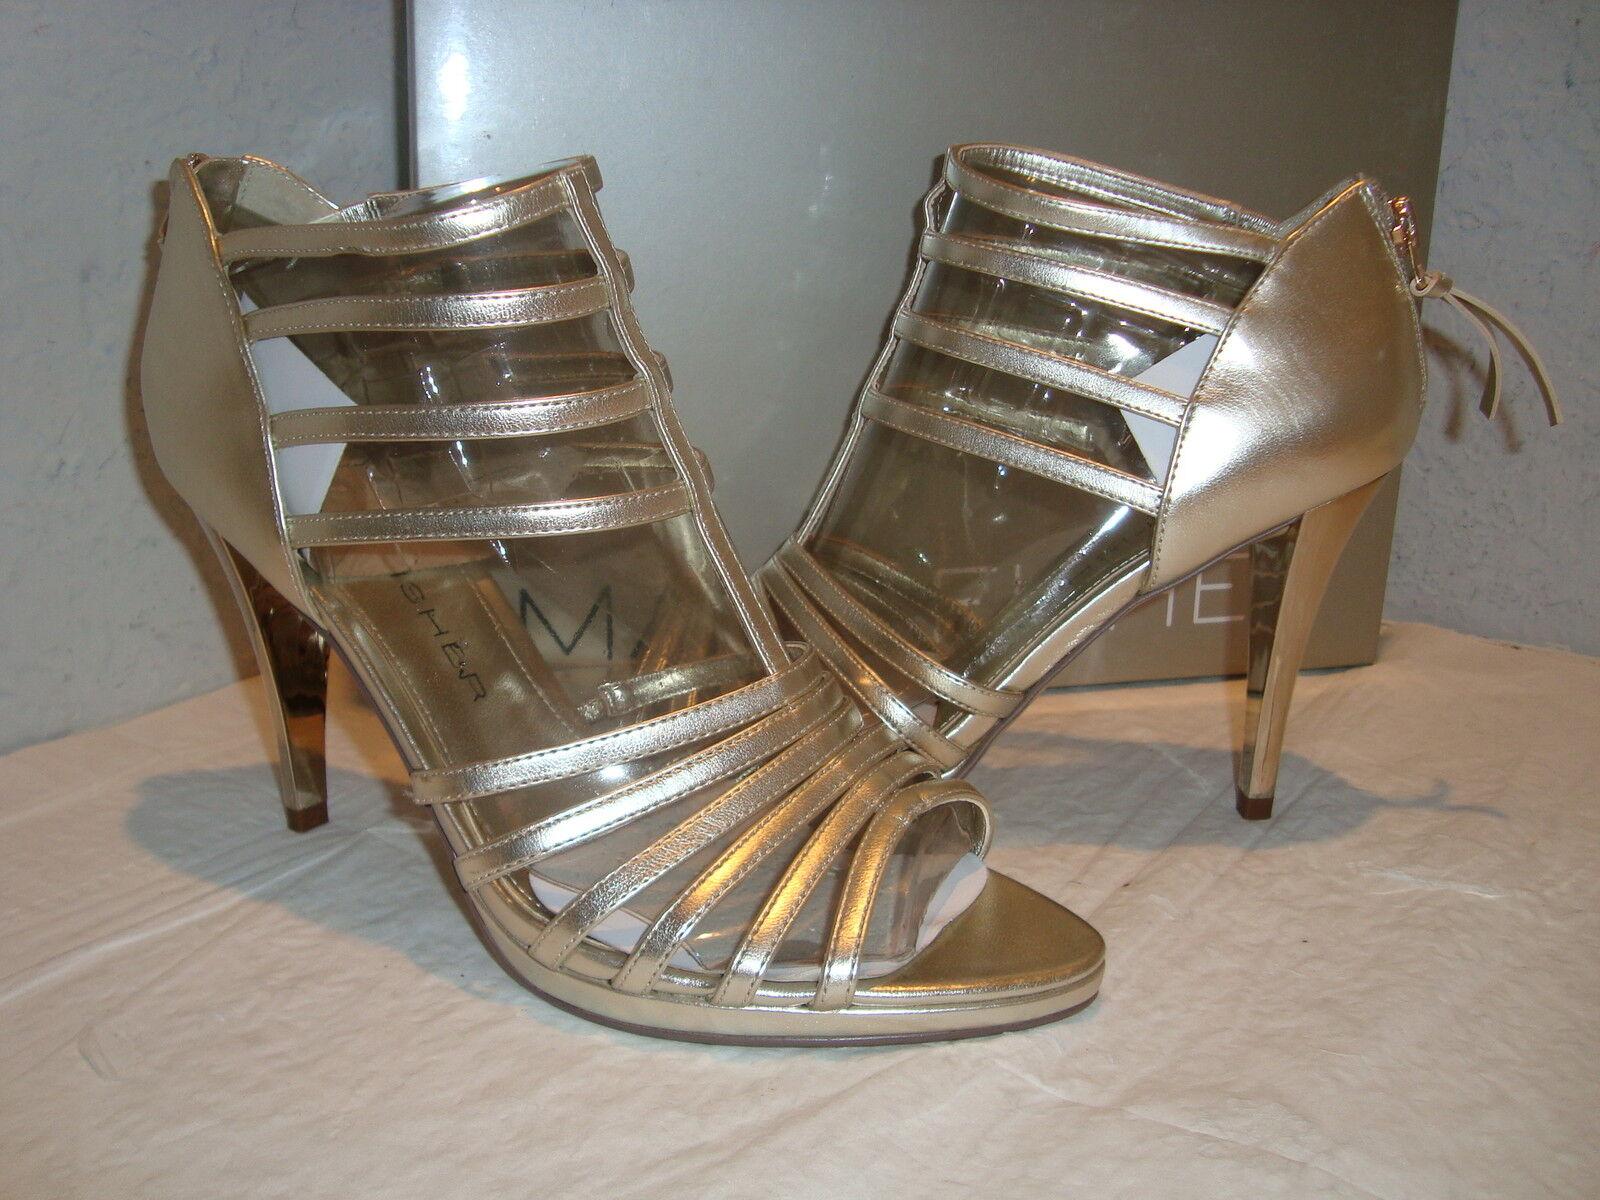 Nuevas mujeres de la sociedad Marc Fisher 2 2 2 oro Sandalias Zapatos 9 medio  Vuelta de 10 dias